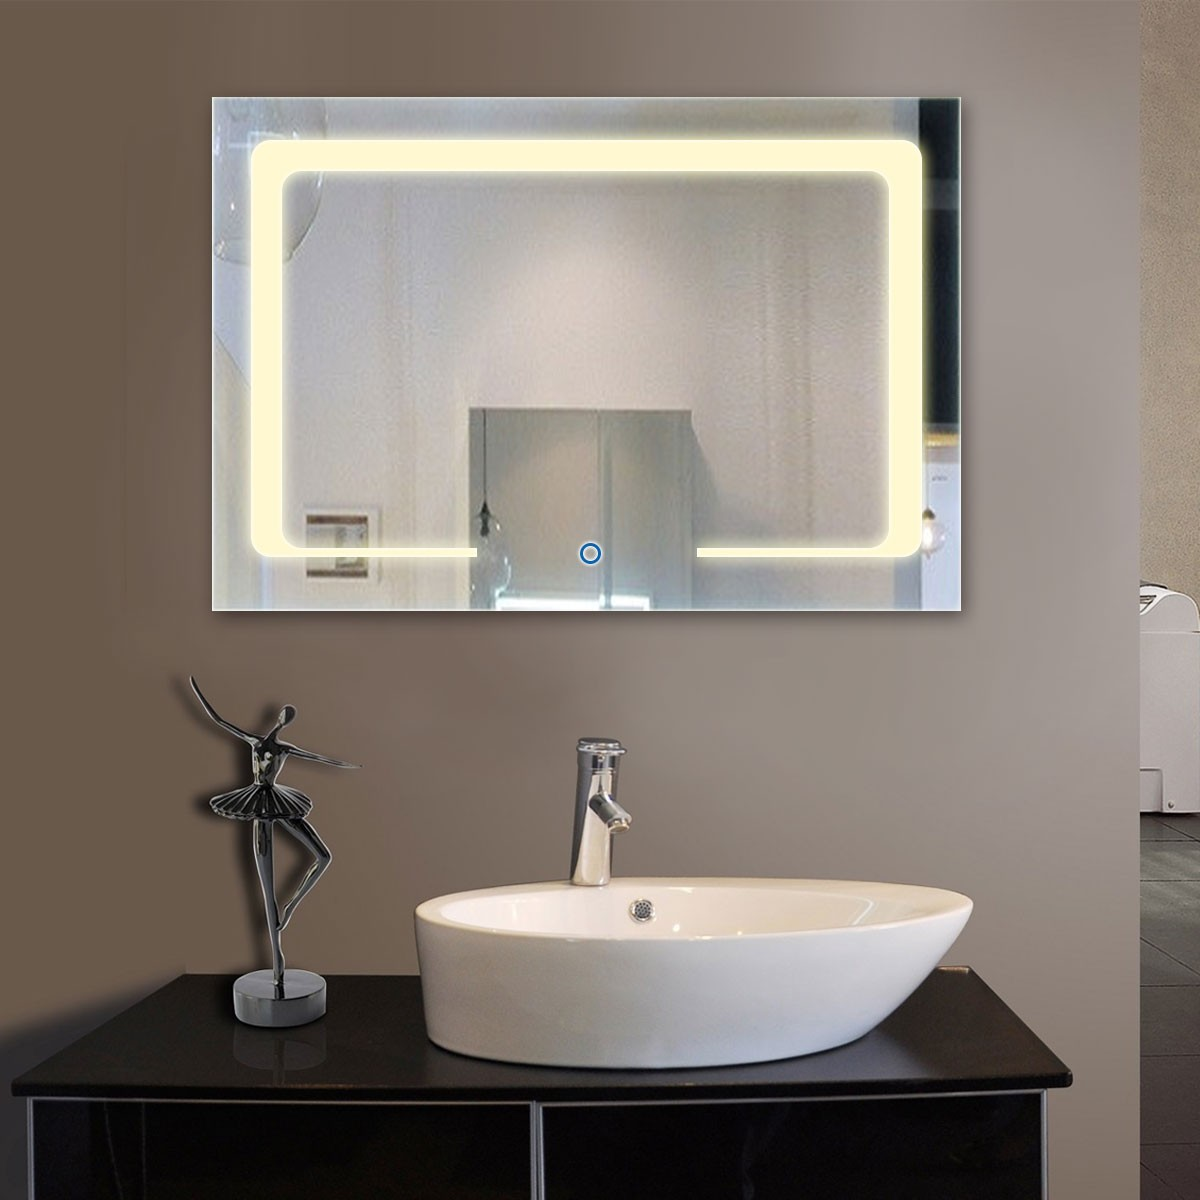 36 x 28 po miroir de salle de bain LED horizontal avec bouton tactile (DK-OD-CL129)